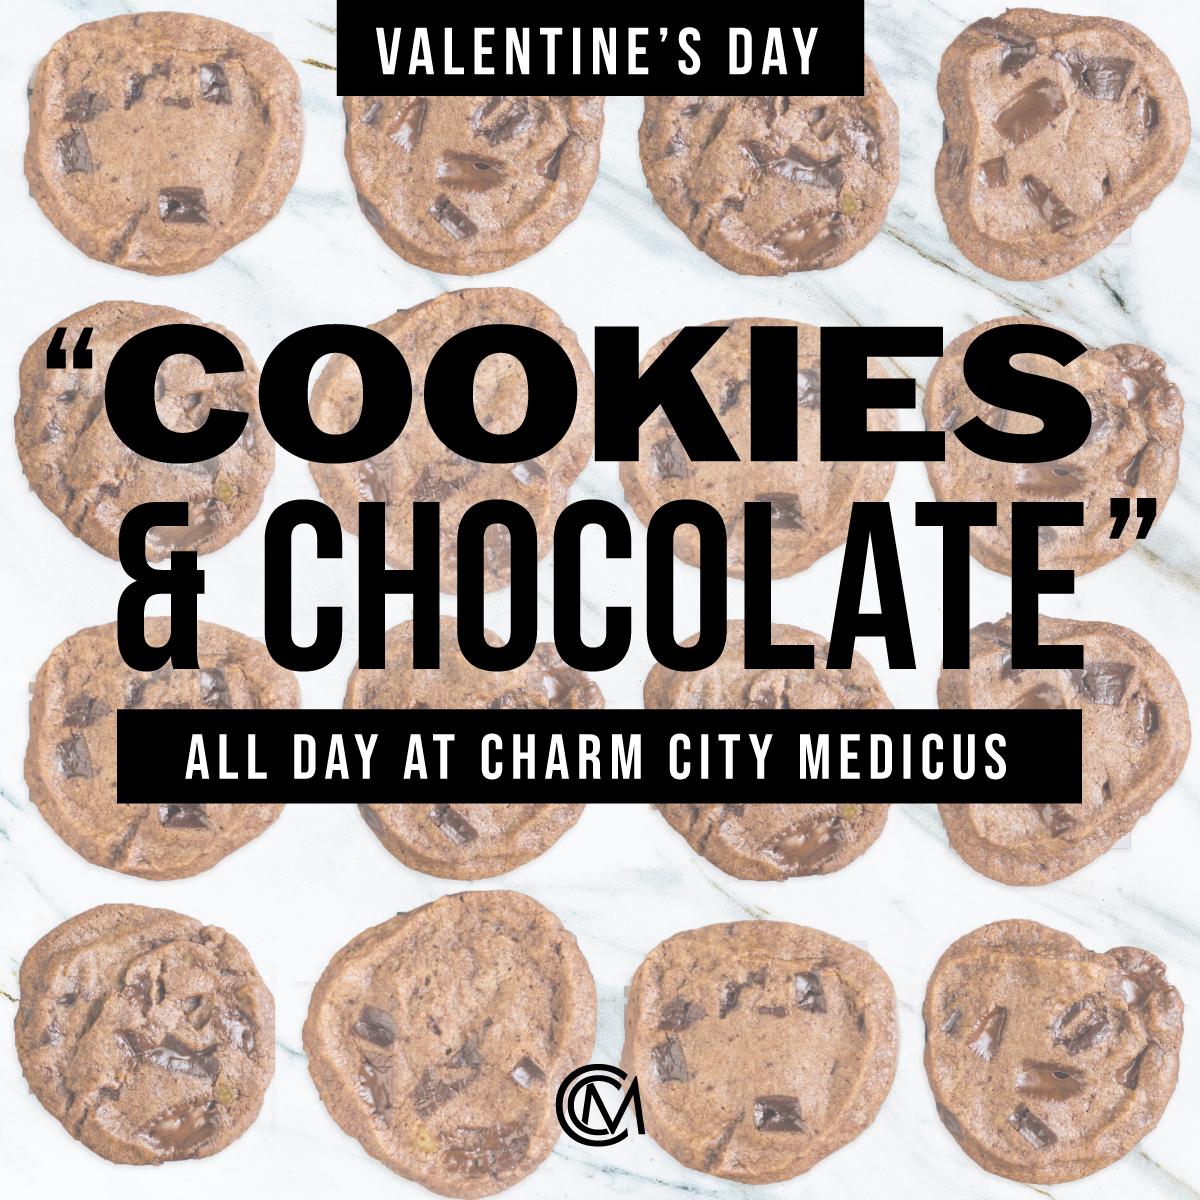 CCM-cookies-chocolate.jpg